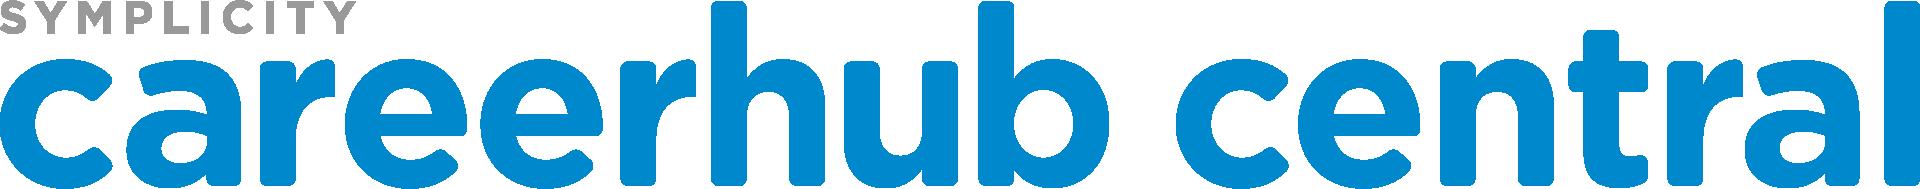 CareerHub Central